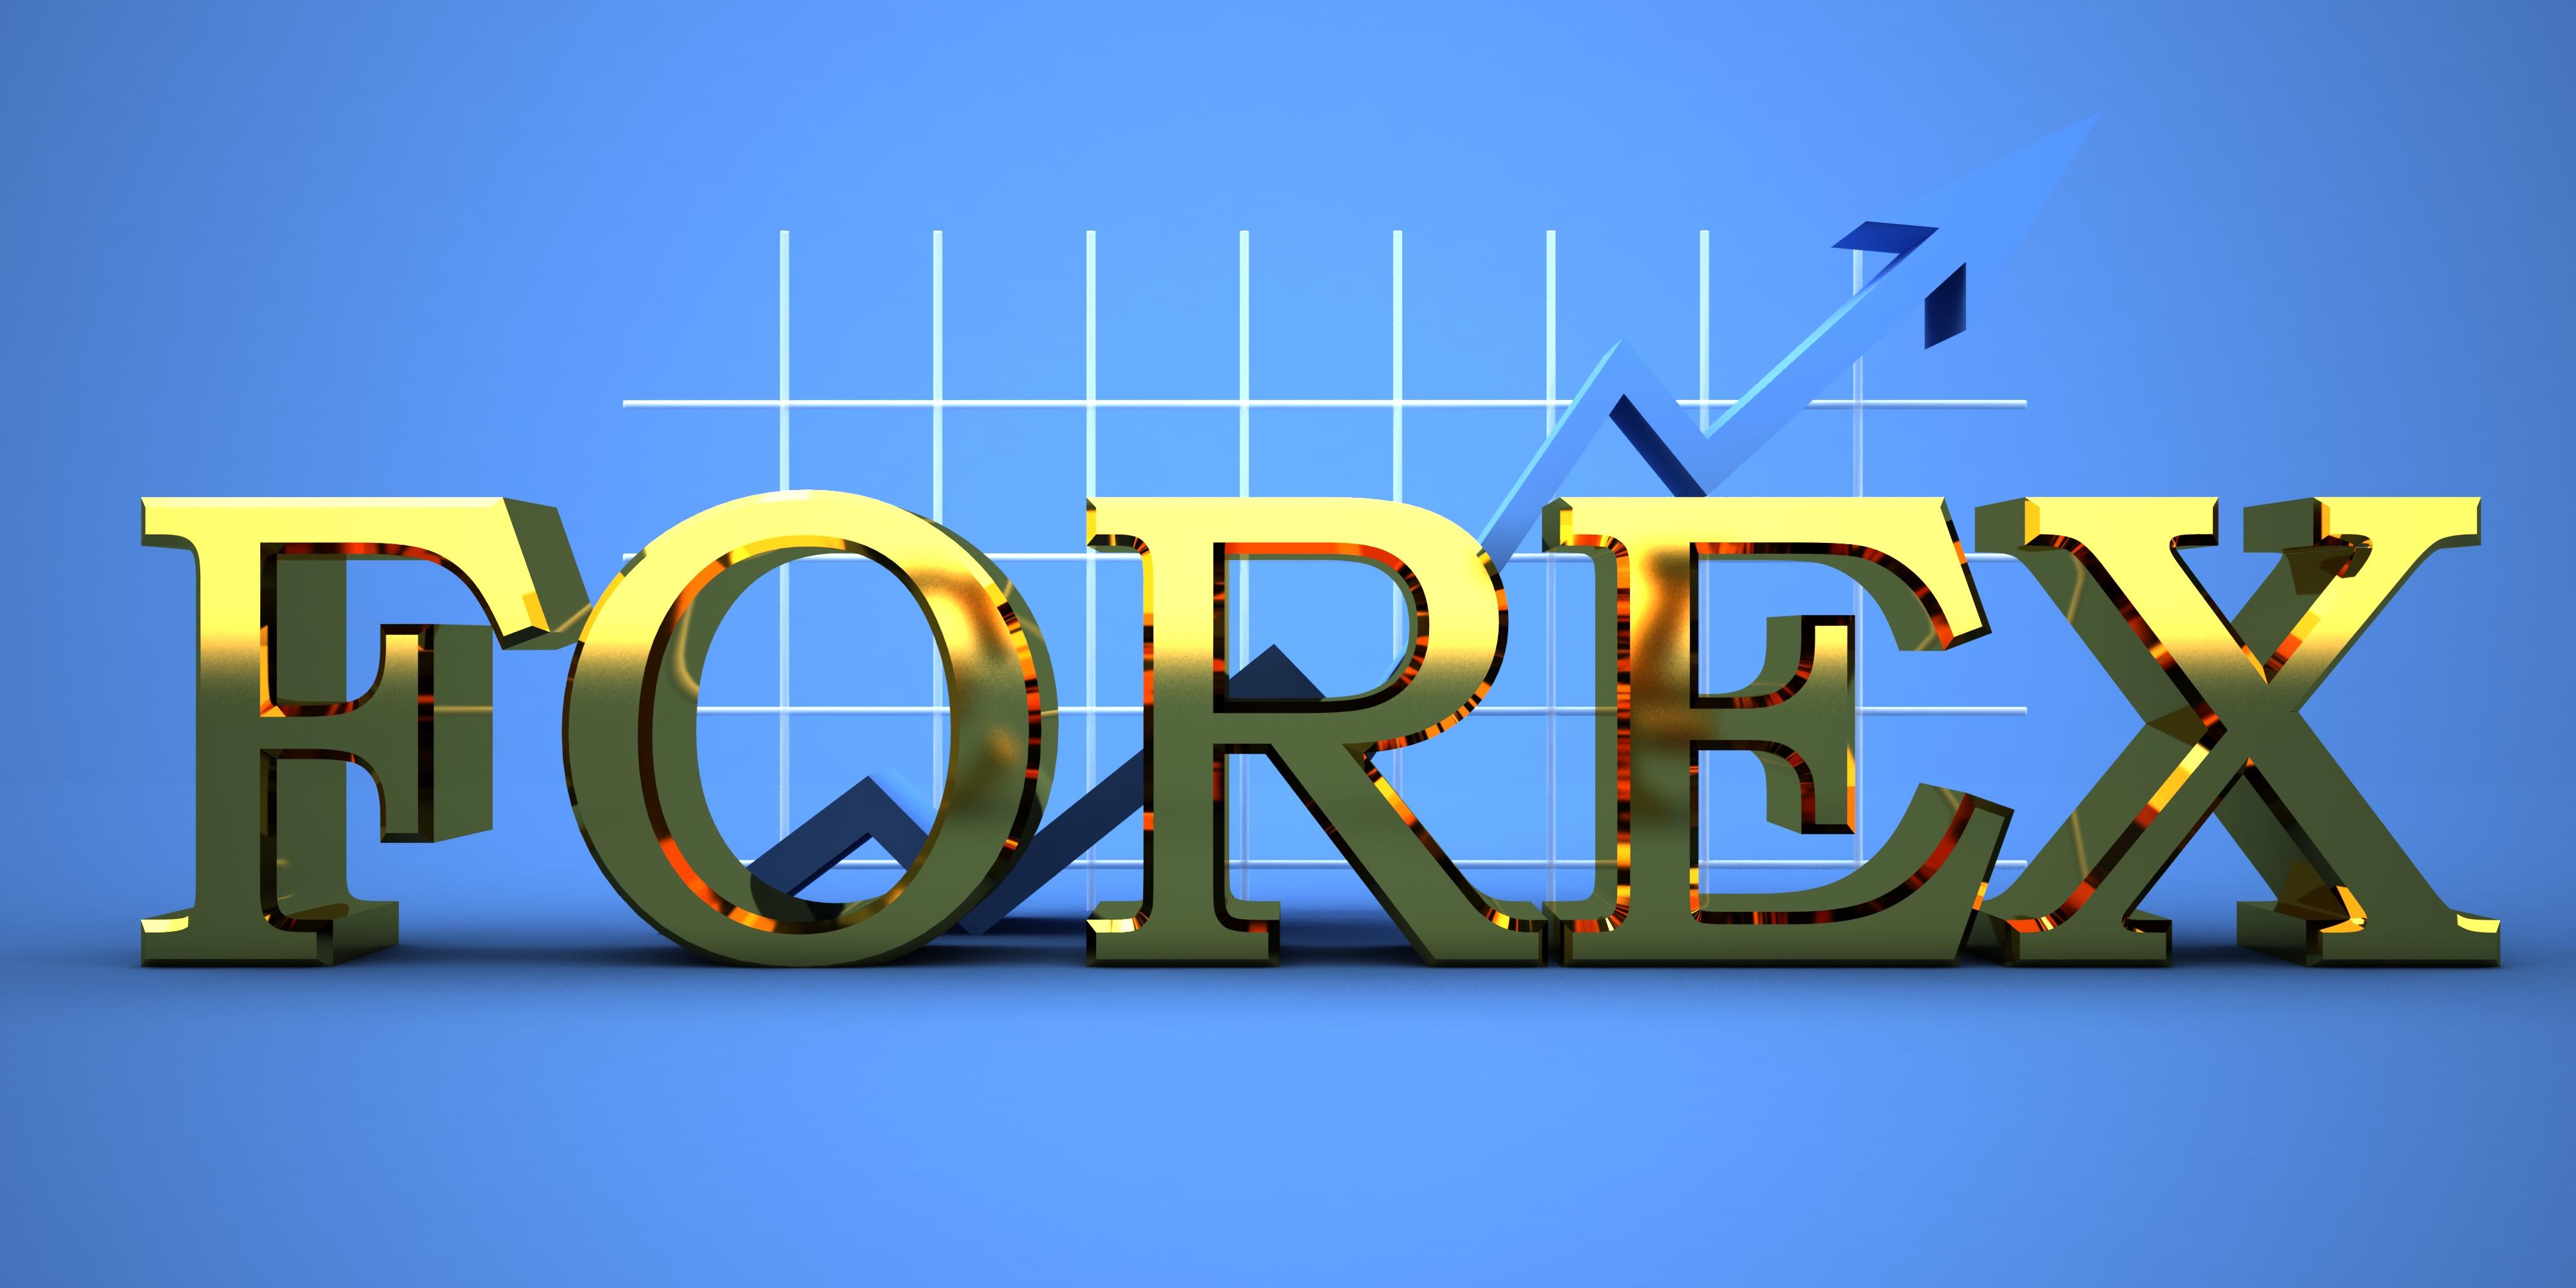 От желания торговать до реальной торговли на Forex всего три шага